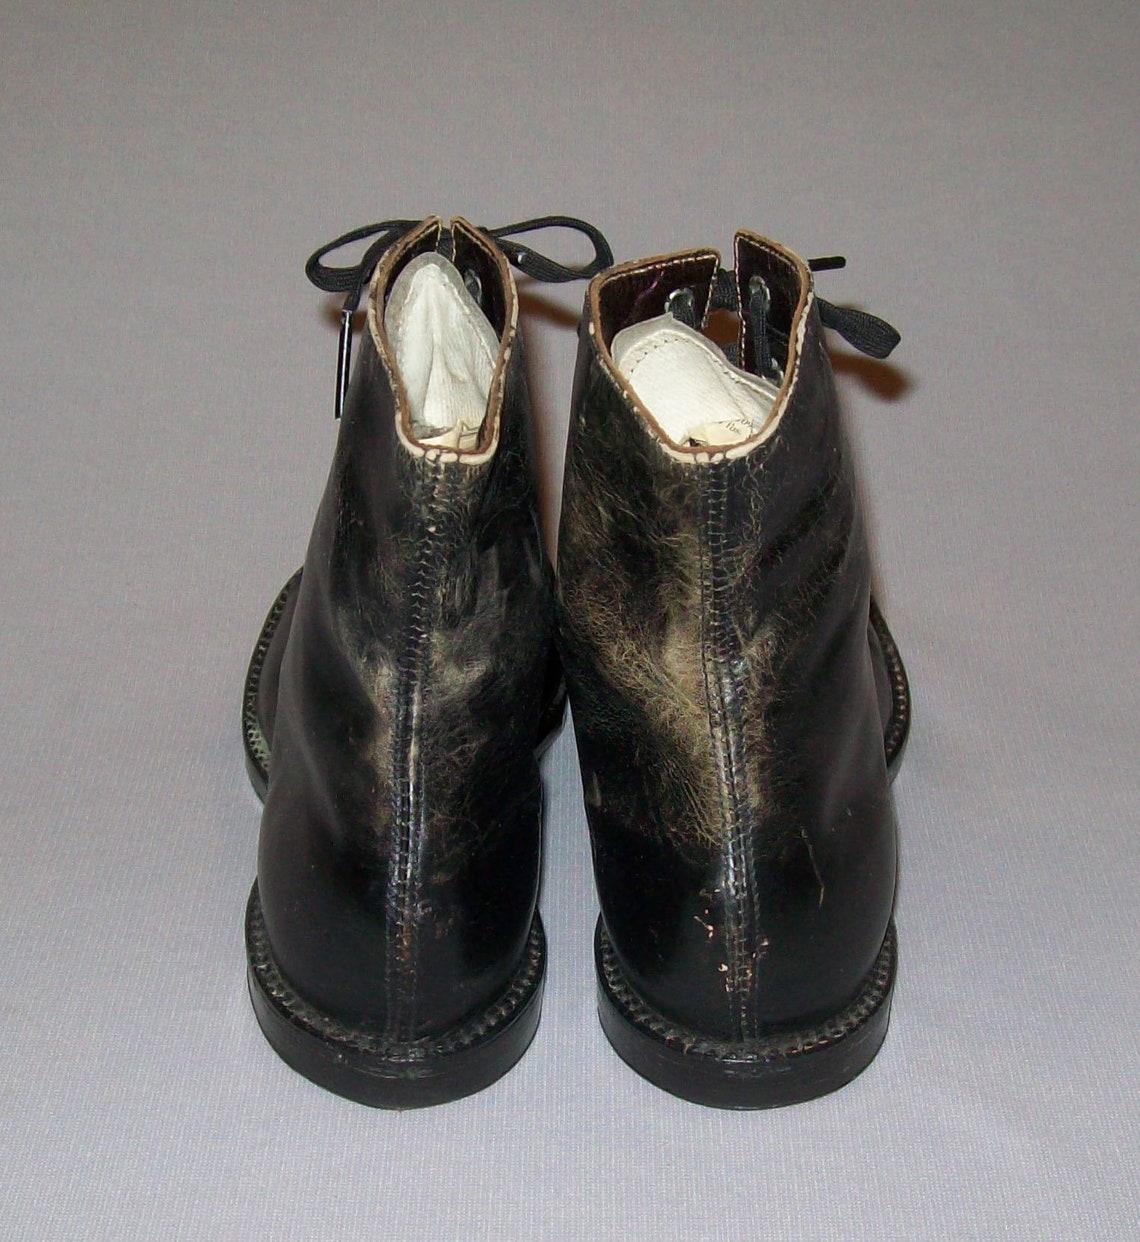 Vecchio vintage VTG del 1900 ragazzi ragazze o Womens vittoriano in pelle scarpe stivali di piccole dimensioni 1,5 molto bello - Scarpe alla moda R91En1VJ 8wFgqc NwOlZM